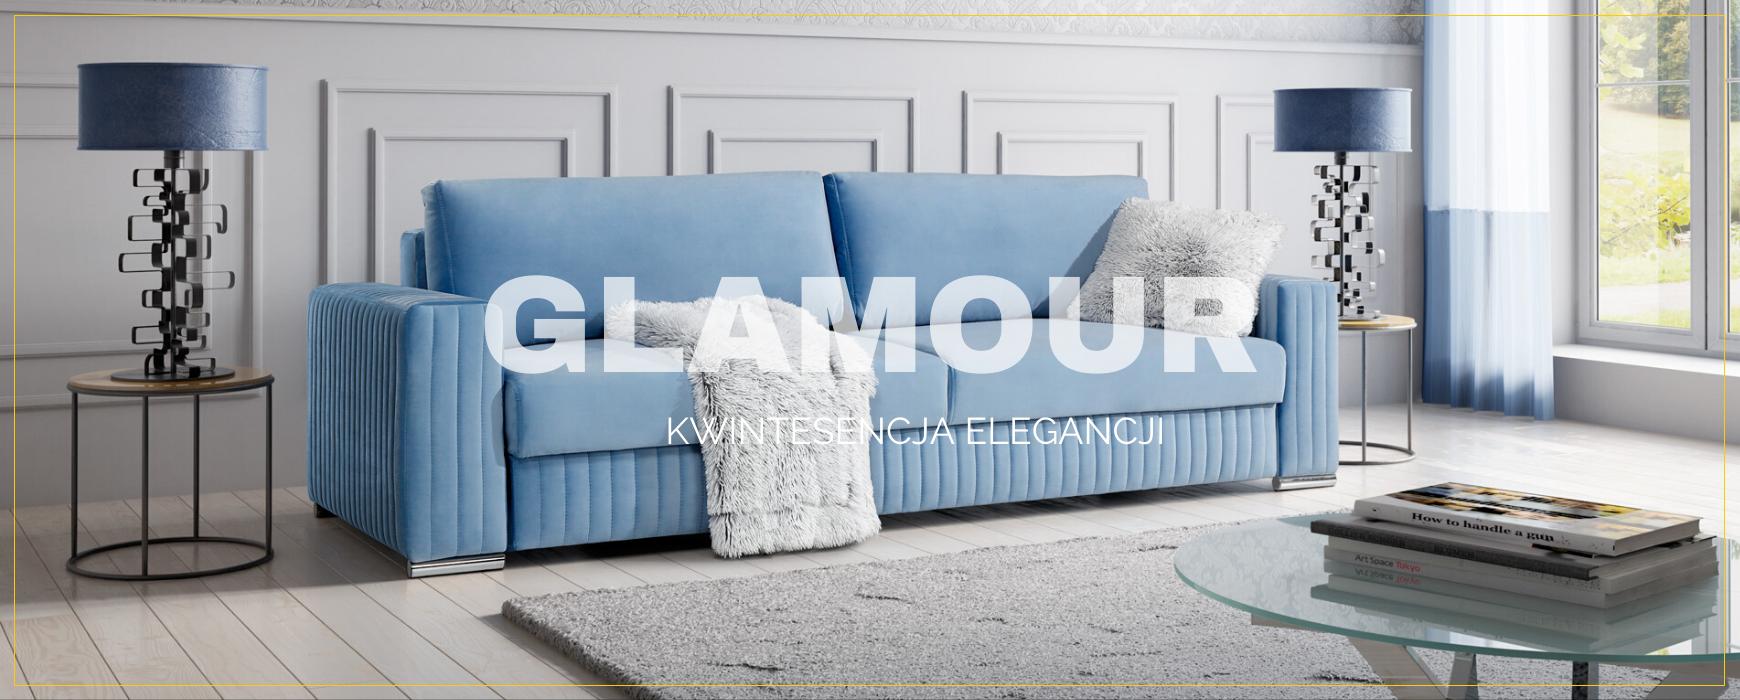 Elegancka i funkcjonalna sofa GLAMOUR dostępna już od 3.999 pln Transport gratis. Usiądziesz z wrażenia! Sprawdź naszą ofertę!